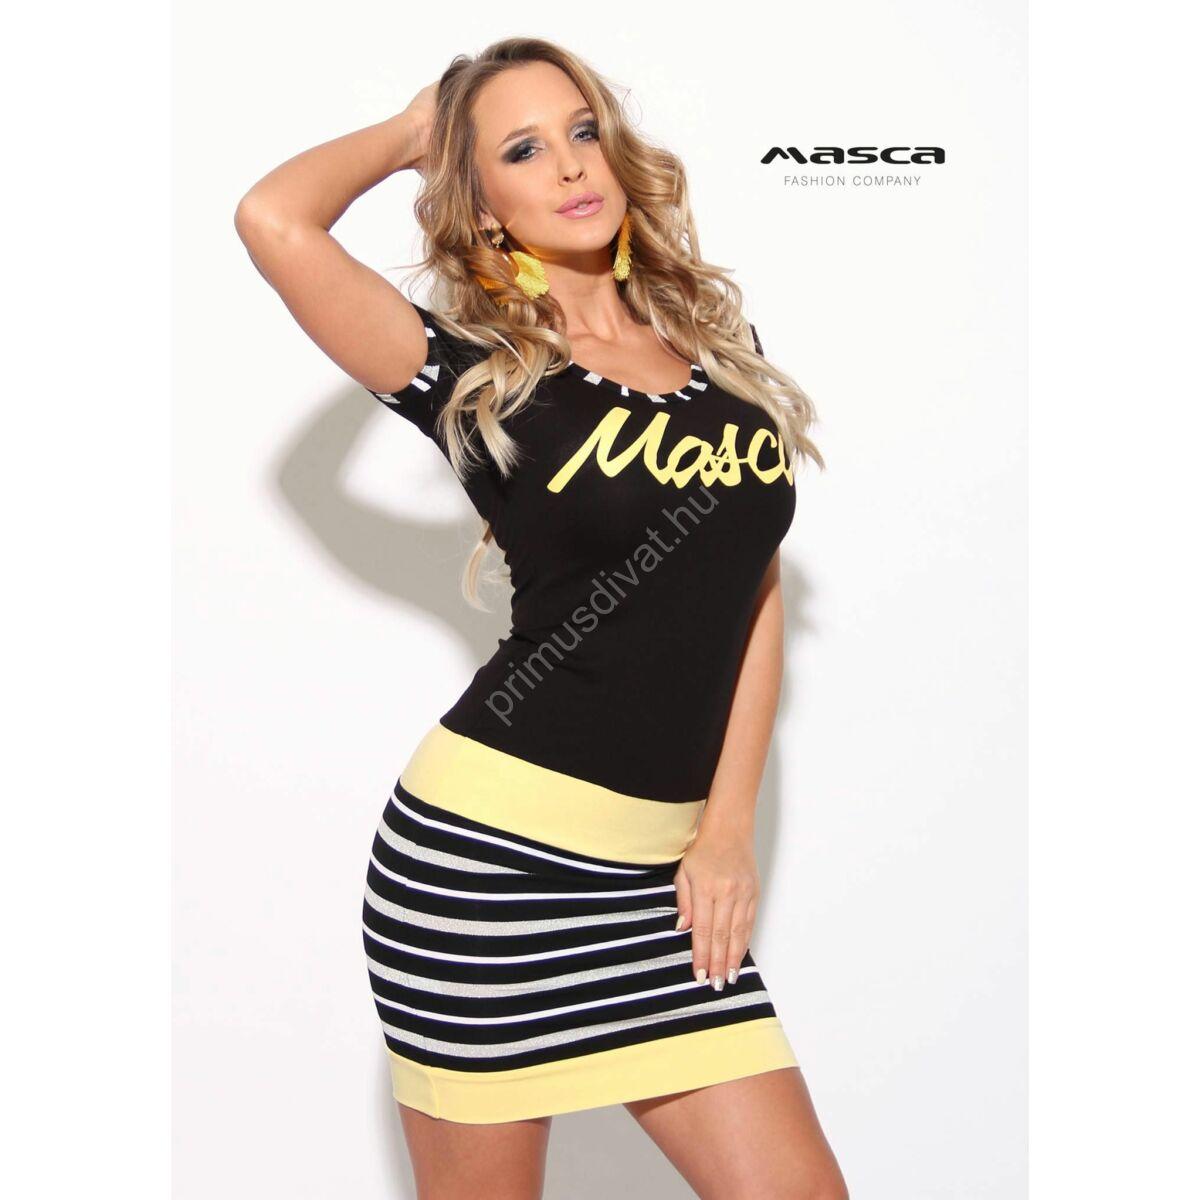 76993ecfc443 Kép 1/1 - Masca Fashion lurexes fehér csíkos betétes fekete rövid ujjú  miniruha, vanília-sárga betétekkel, márkafelirattal